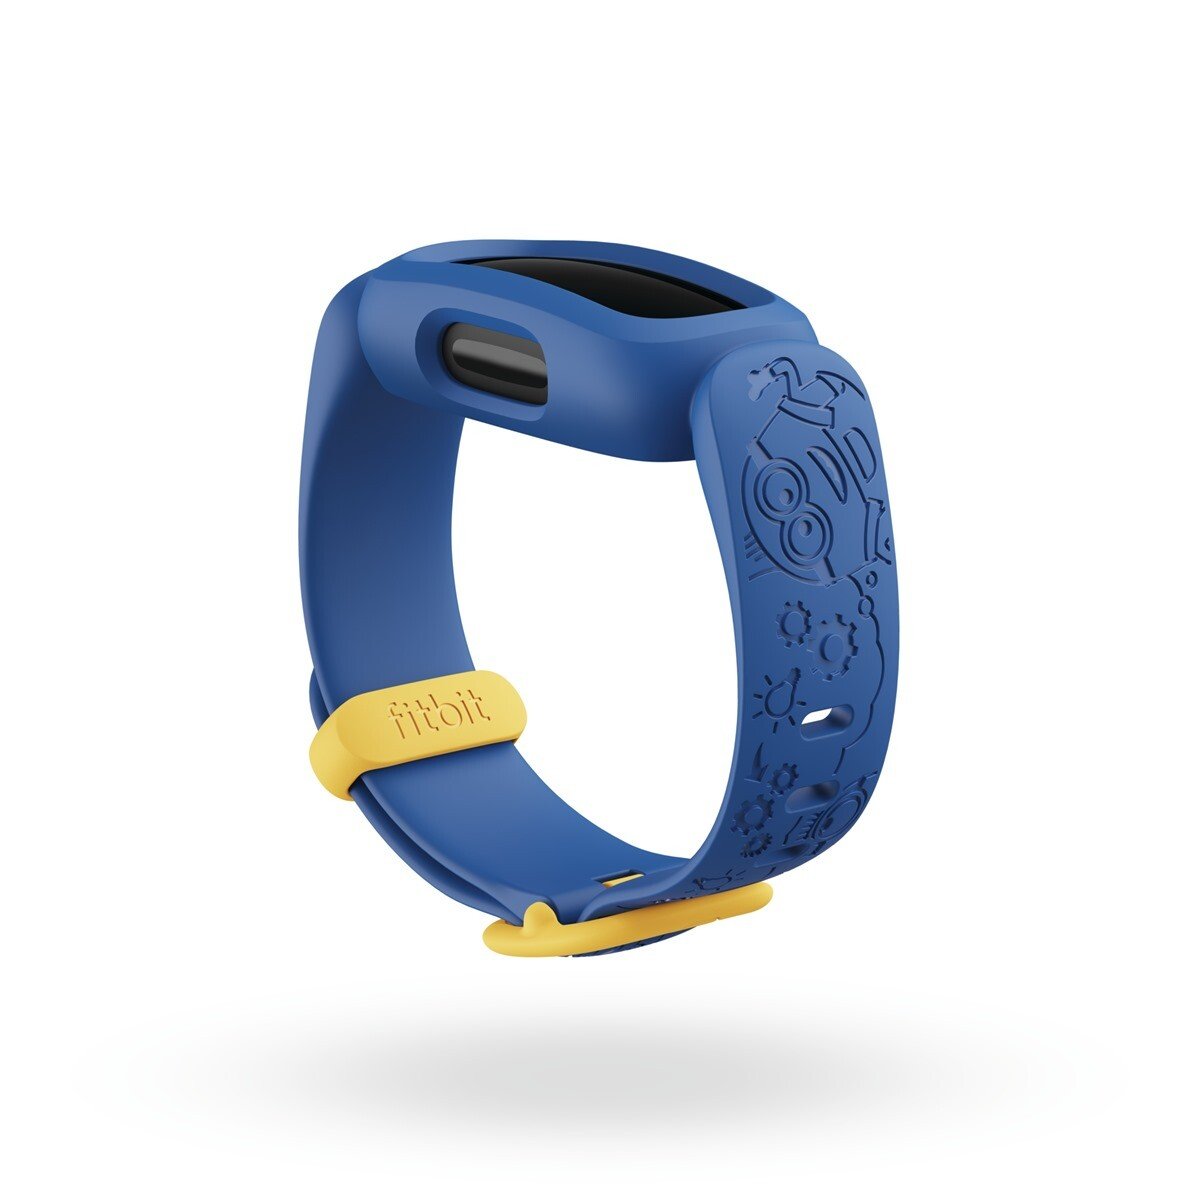 圖三 1:Fitbit 同步推出小小兵「神偷藍」和「淘氣黑」兩款錶帶配件讓更多孩子們透過小小兵的魅力充分展現個人風格,錶帶售價為新台幣-750-….jpg @3C 達人廖阿輝